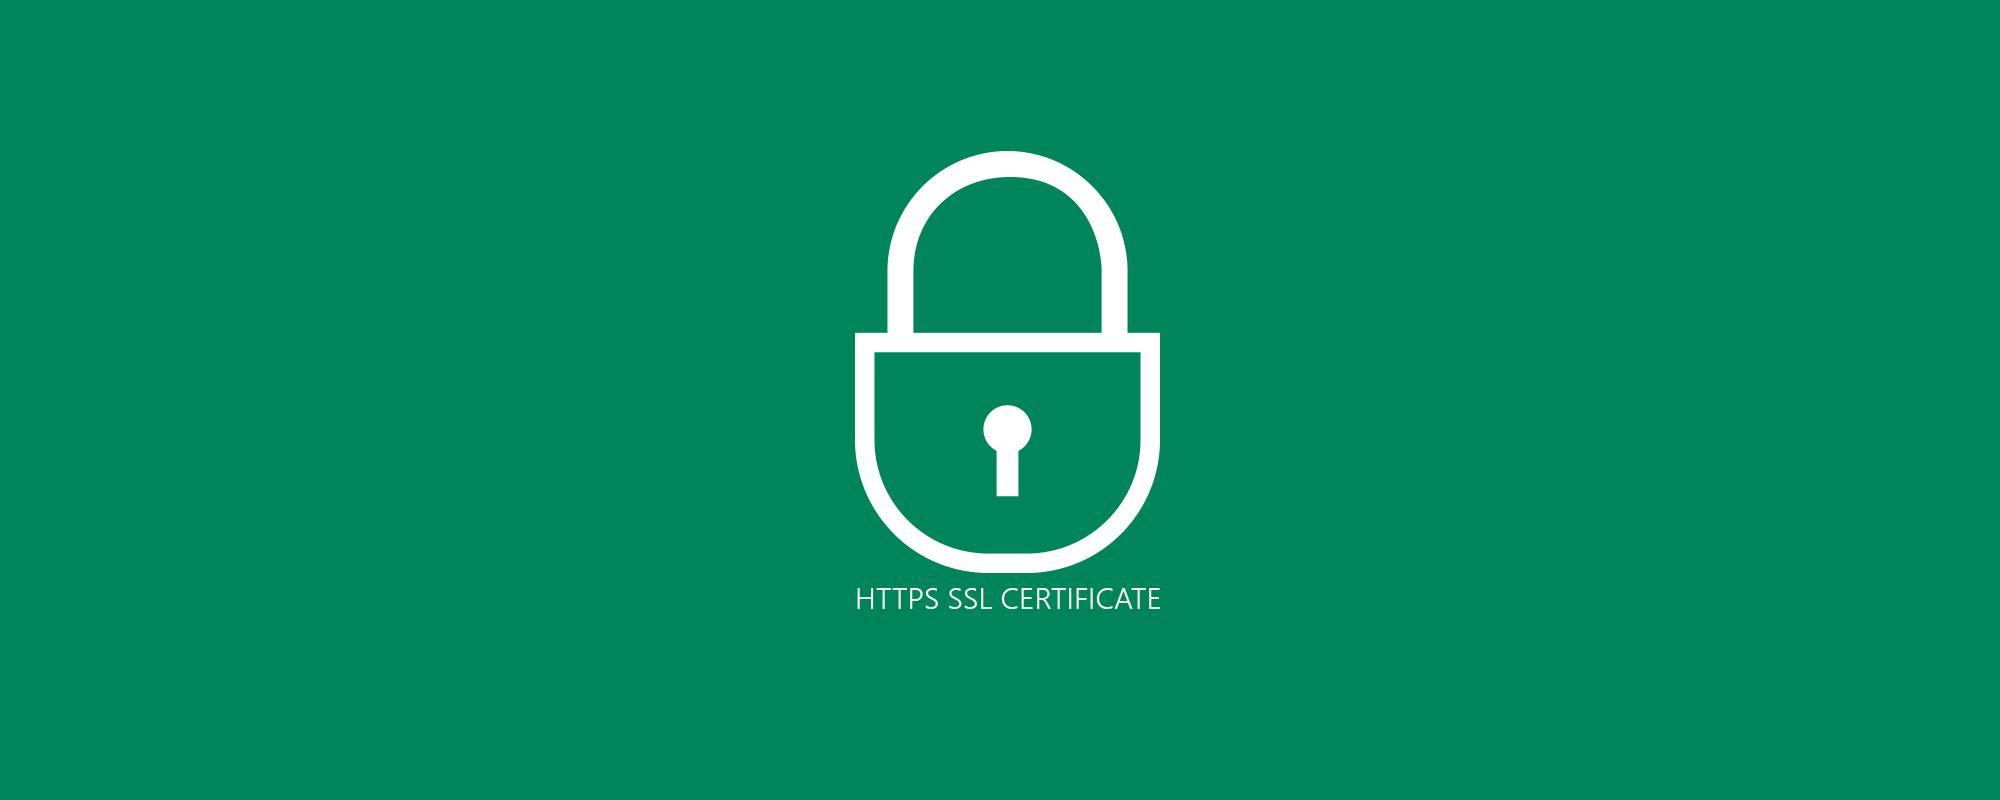 Поговорим о HTTPS и SSL-сертификате